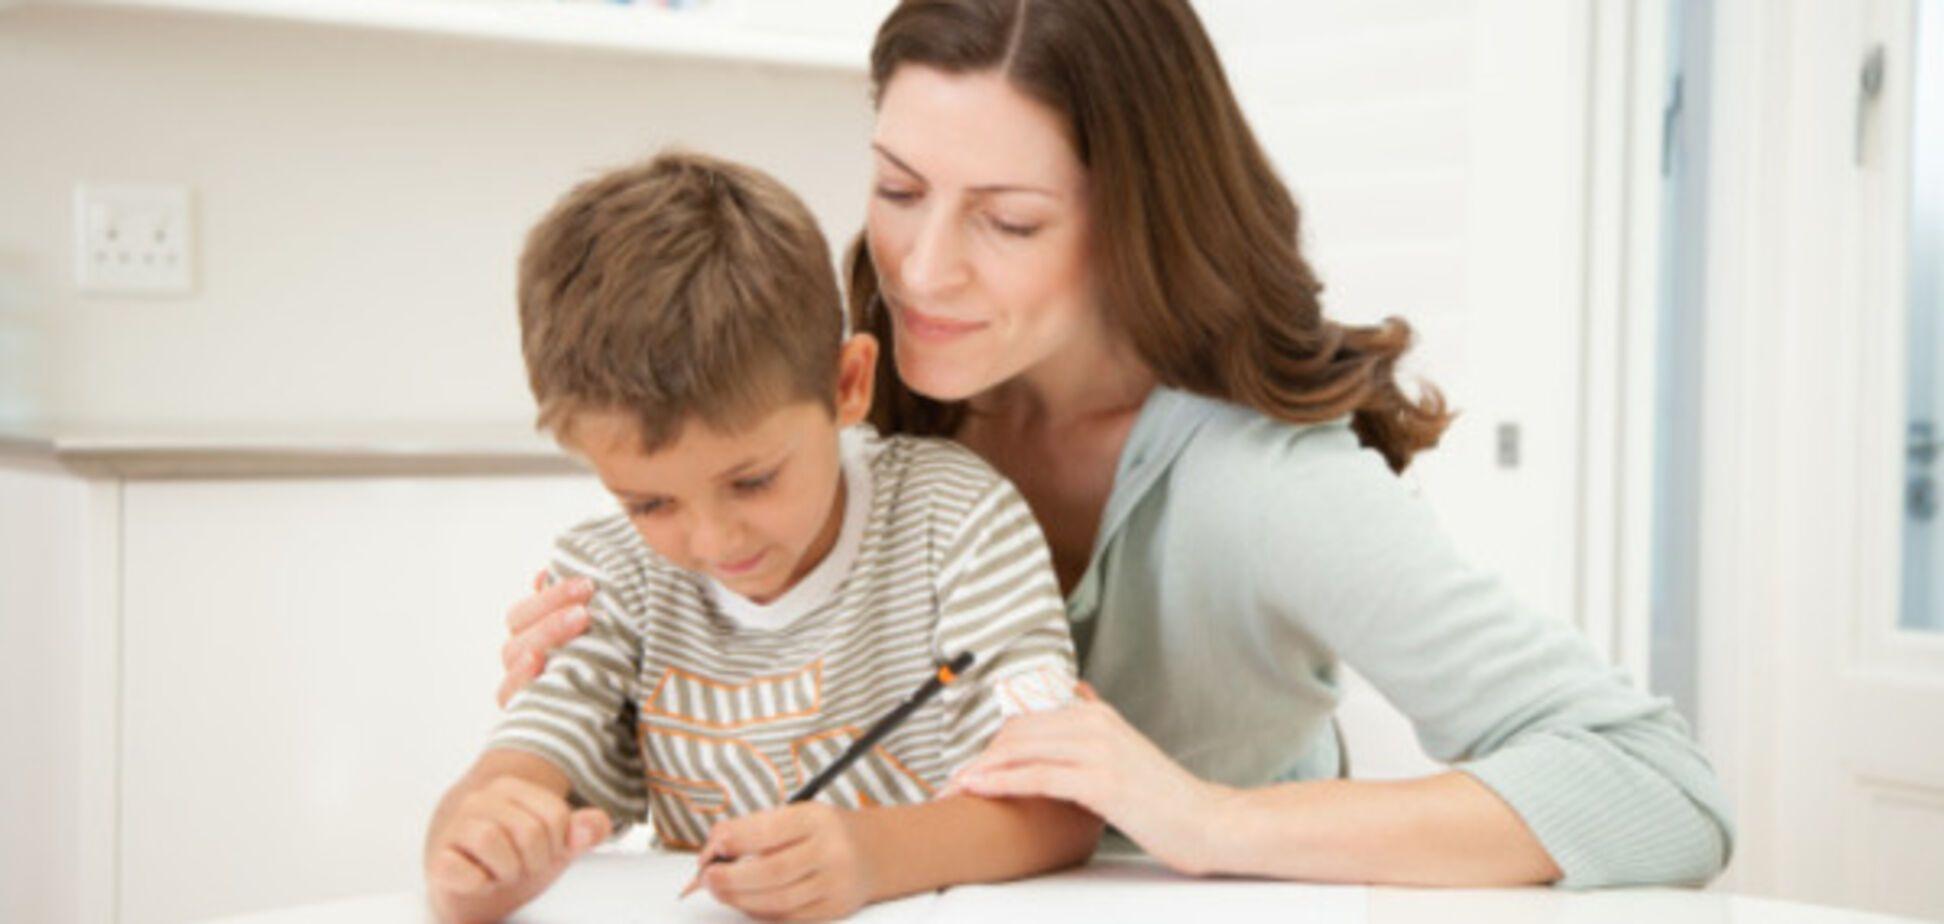 'Я не умею': советы родителям, как научить ребенка новому без ссор